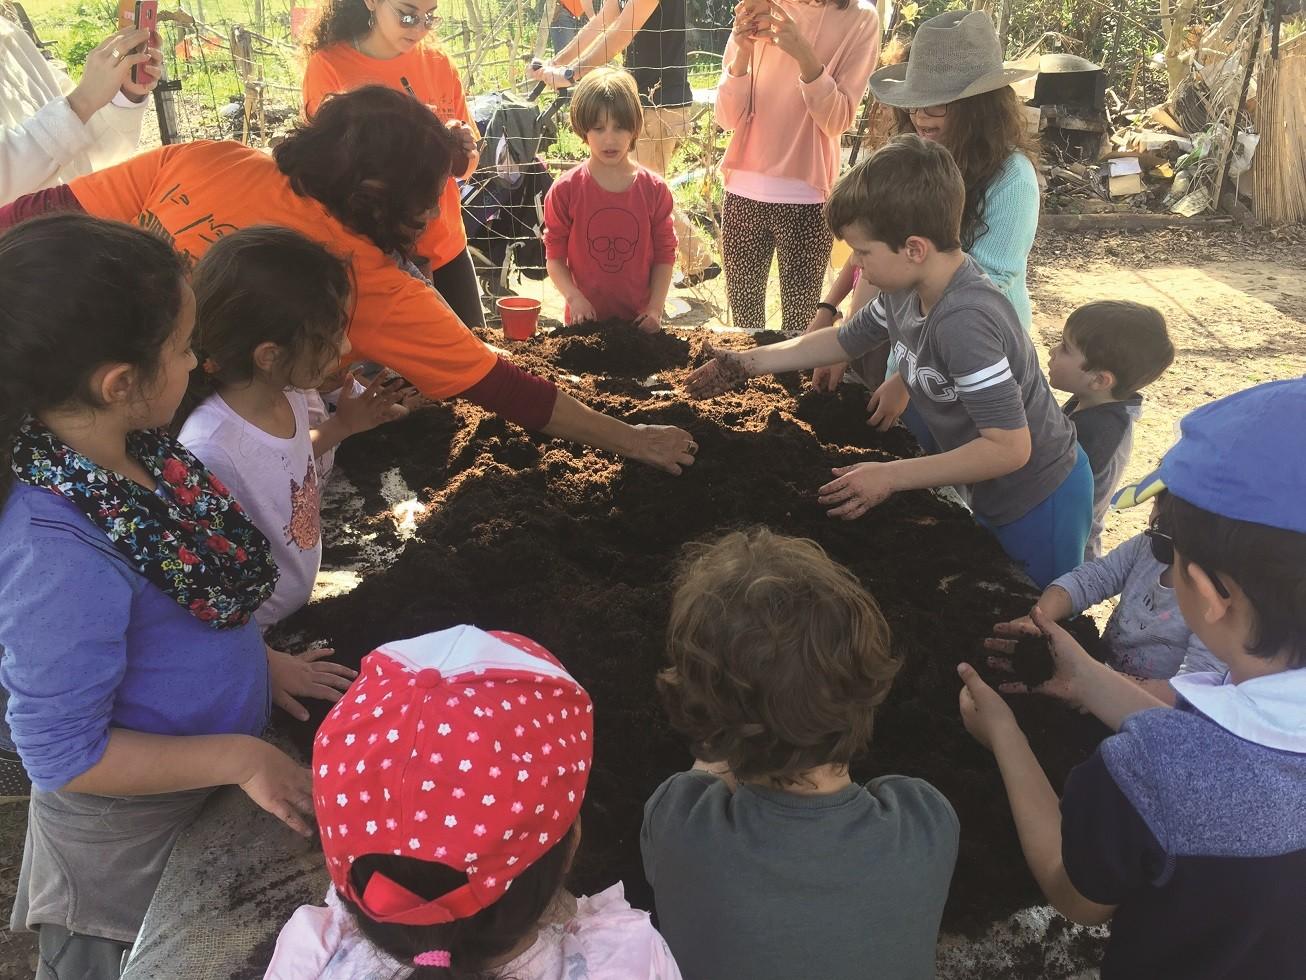 קבוצה של ילדים מתארחת בחוות תבלין בגן